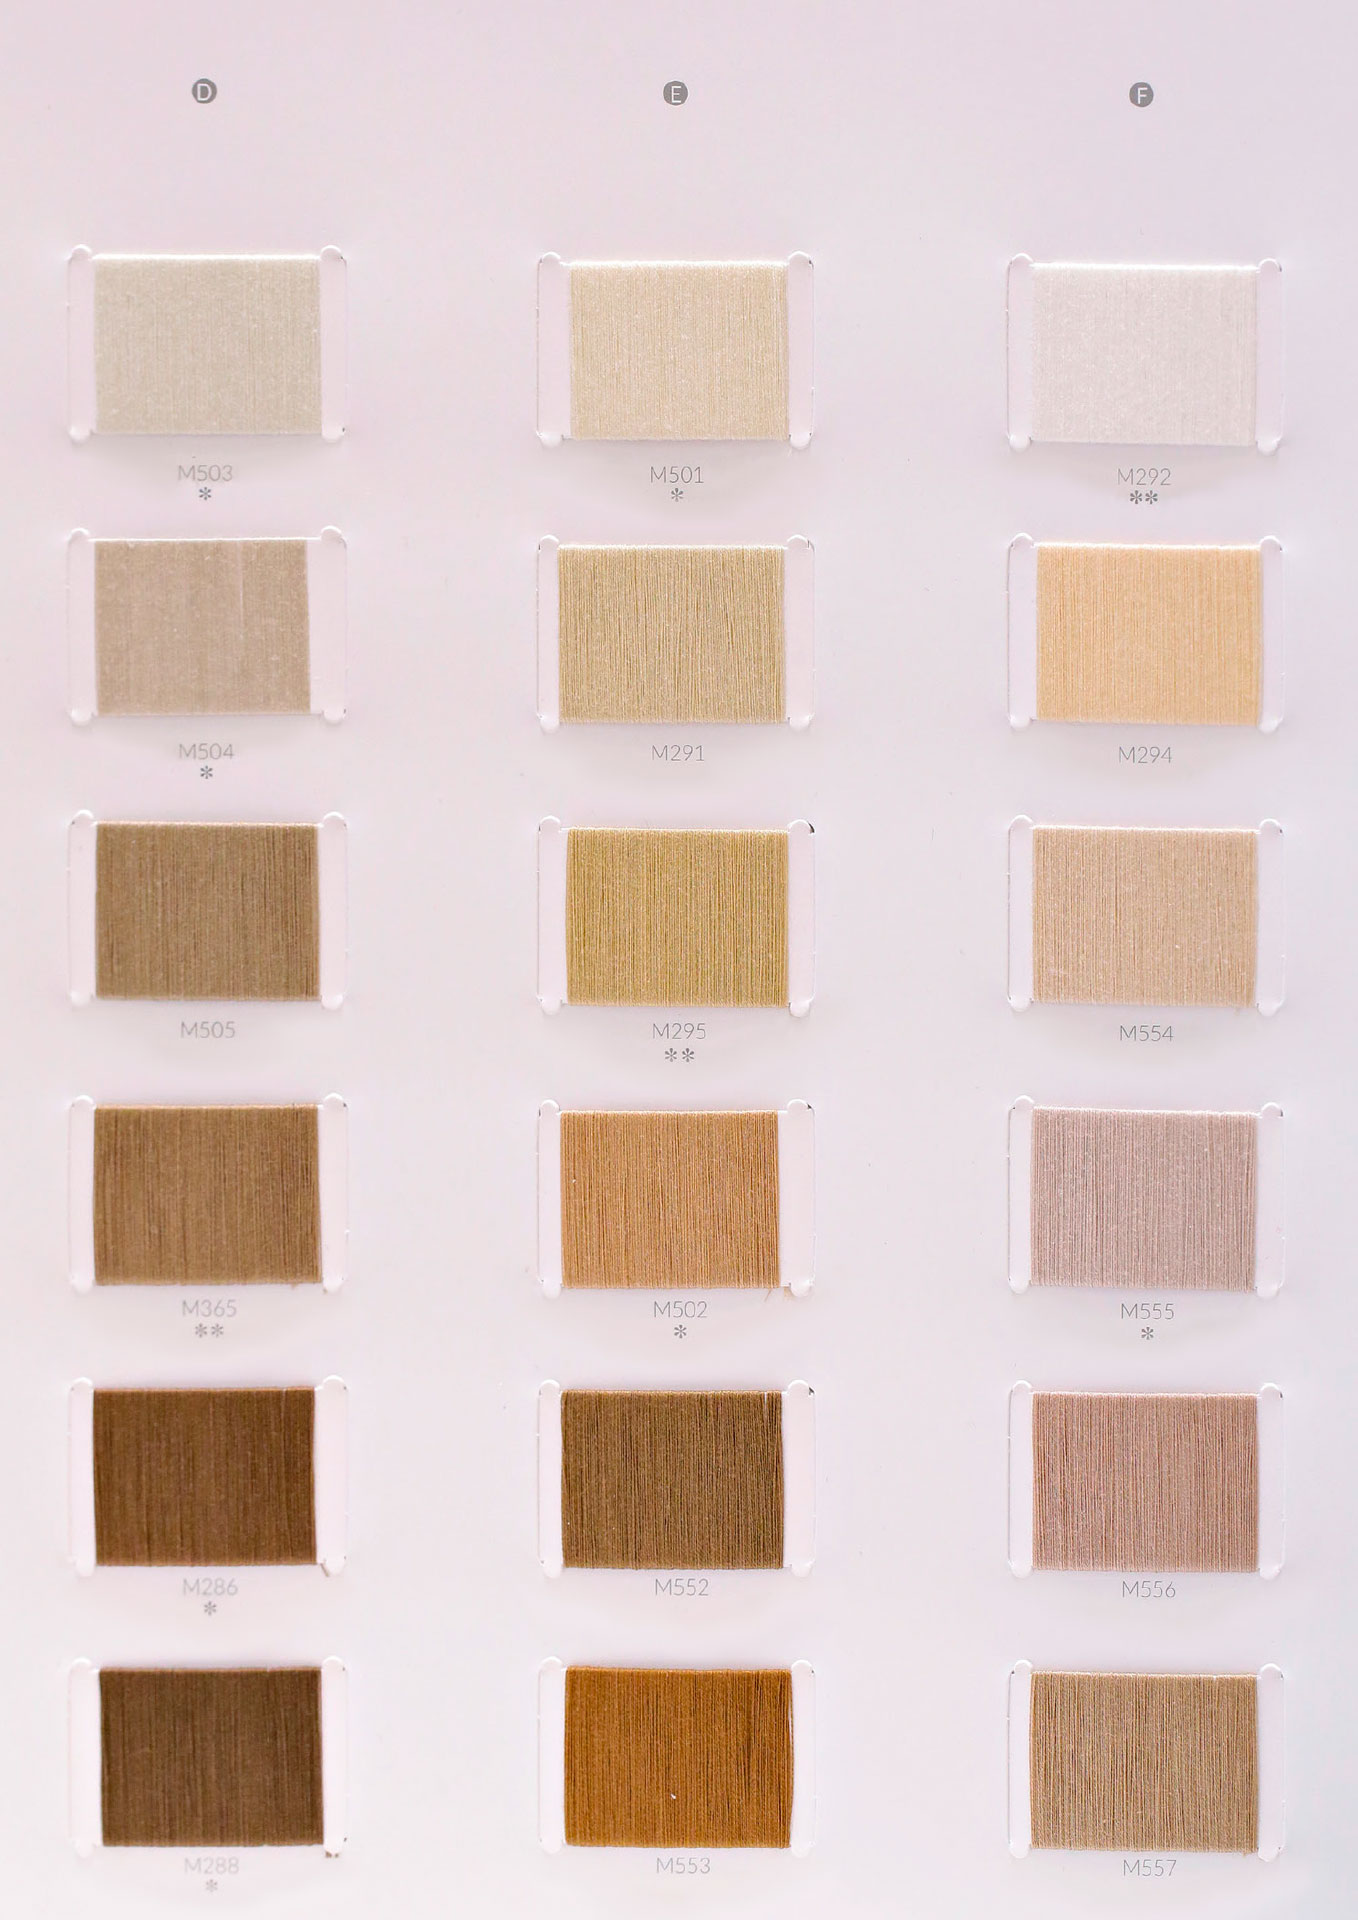 Karta kolorów przędzy bawełnianej merceryzowanej sprzedaż hurt detal